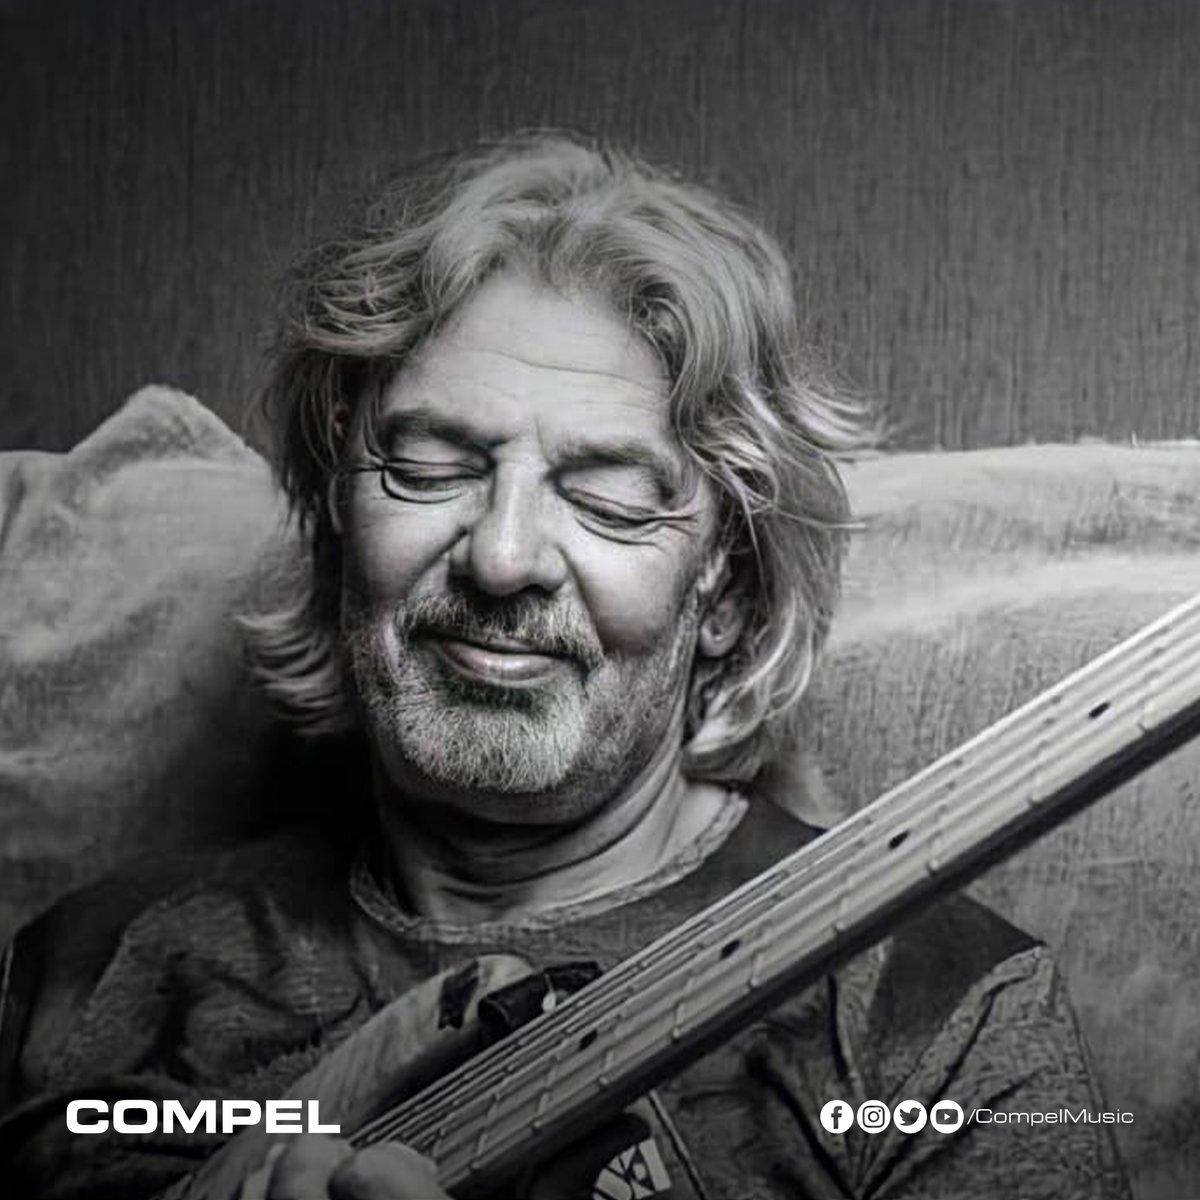 Değerli müzisyen İsmail Soyberk'in yakınlarına ve sevenlerine başsağlığı diliyoruz. Kendisini saygı, sevgi ve özlemle hatırlayacağız 🙏 #İsmailSoyberk